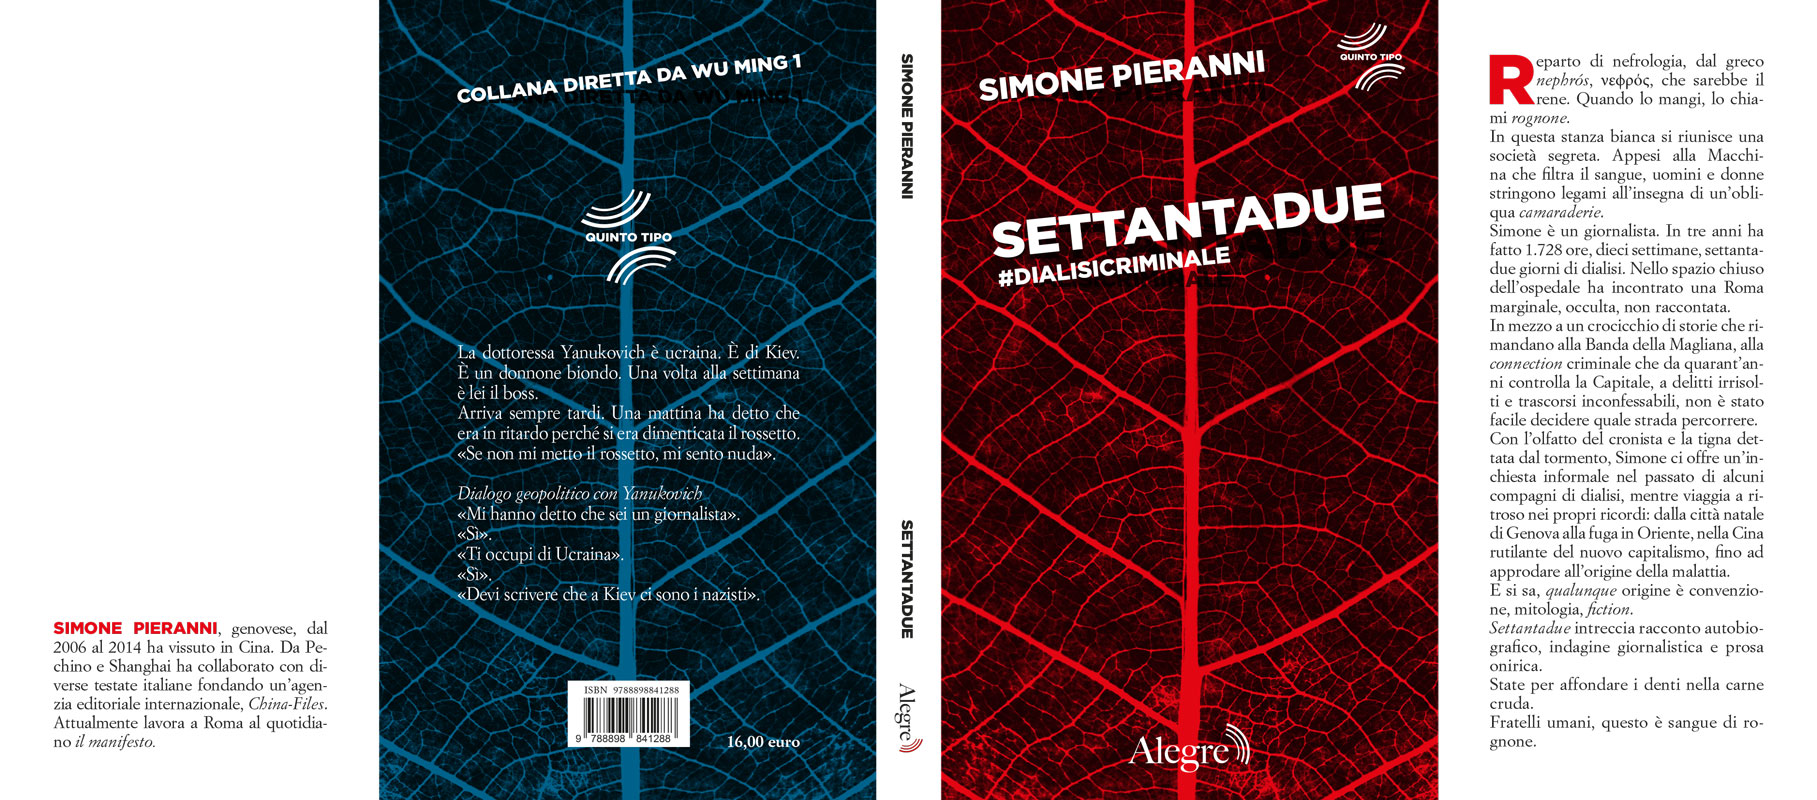 Simone Pieranni, Settantadue, stesa